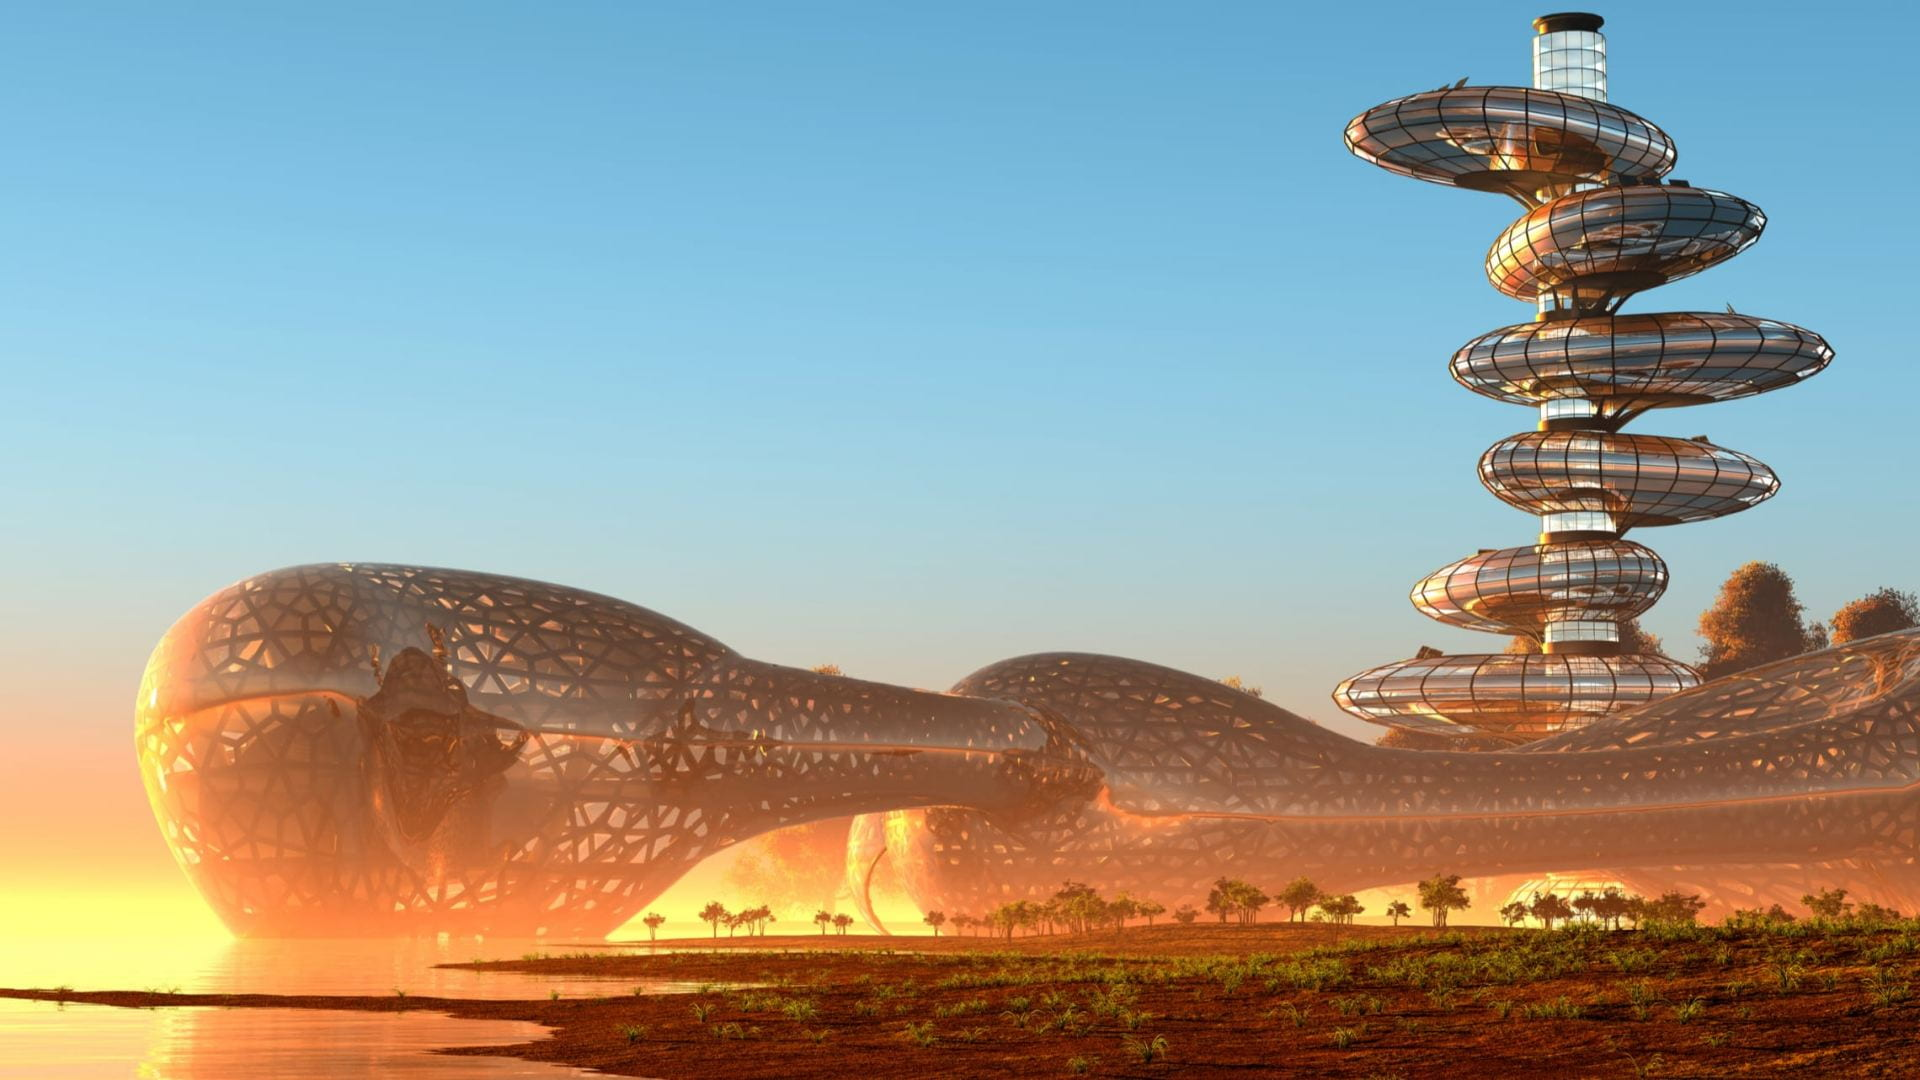 Futurist landscape.